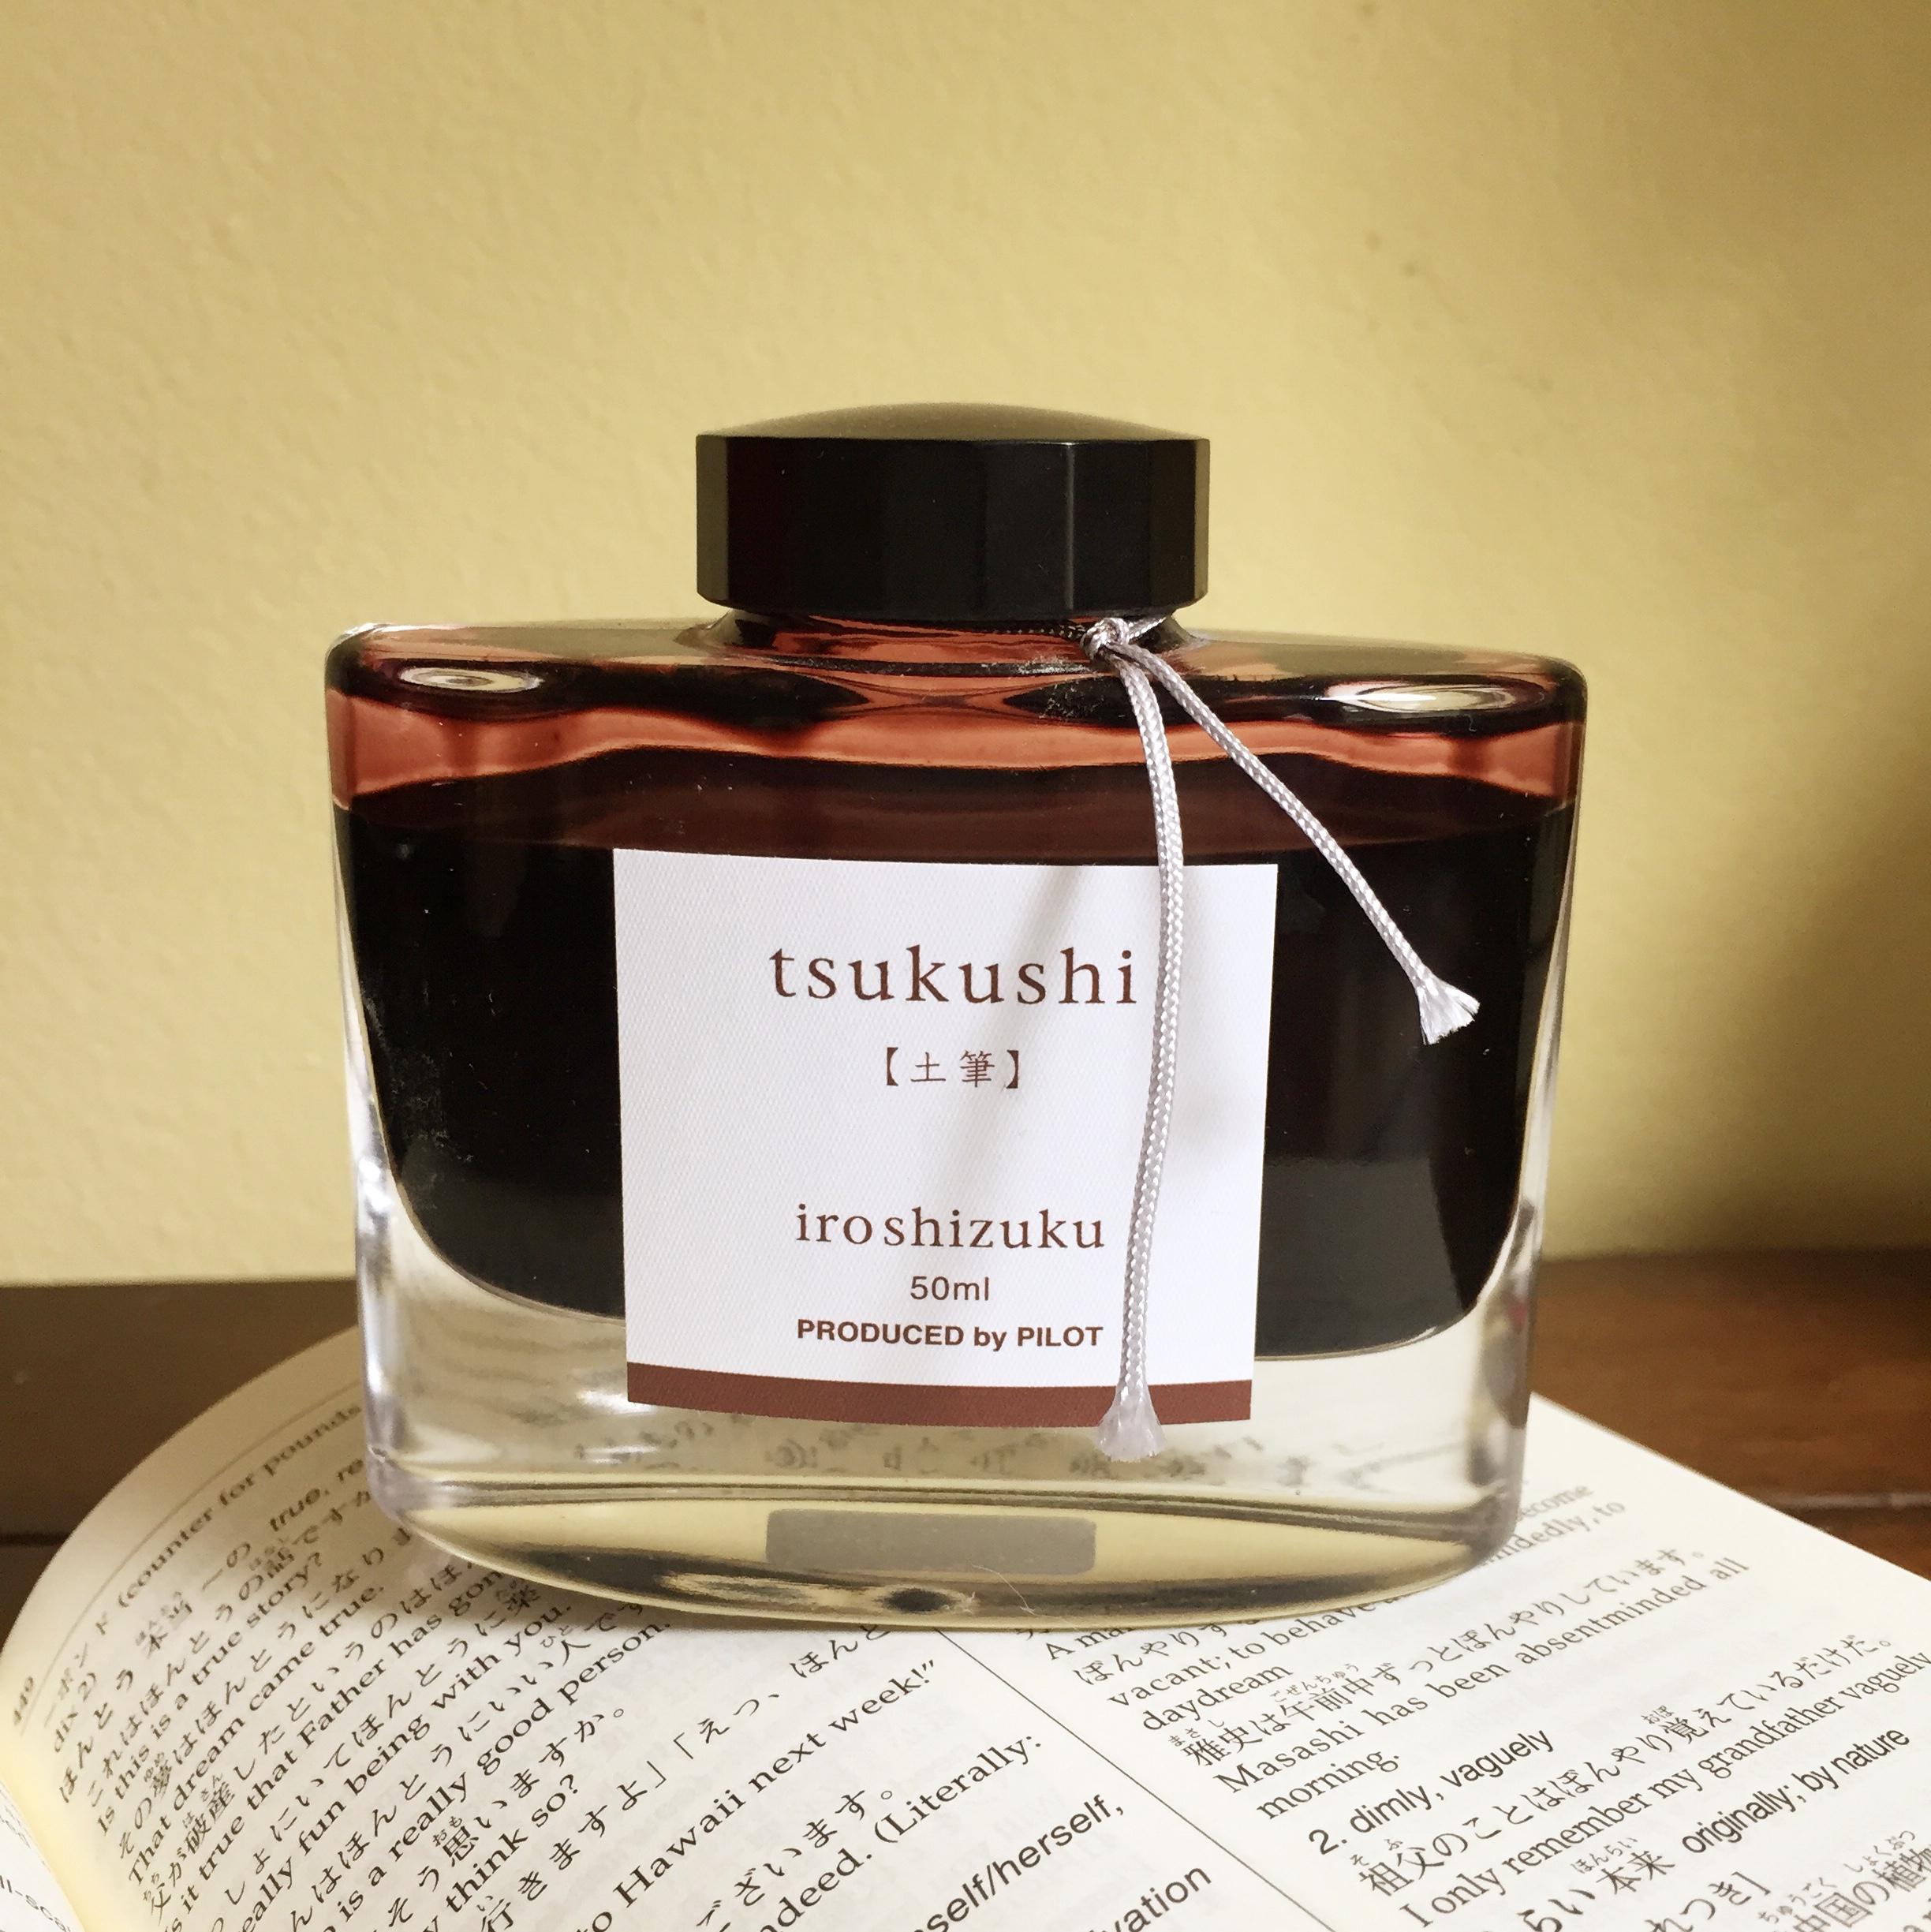 Iroshizuku Tsukushi bottle. Click to enlarge.